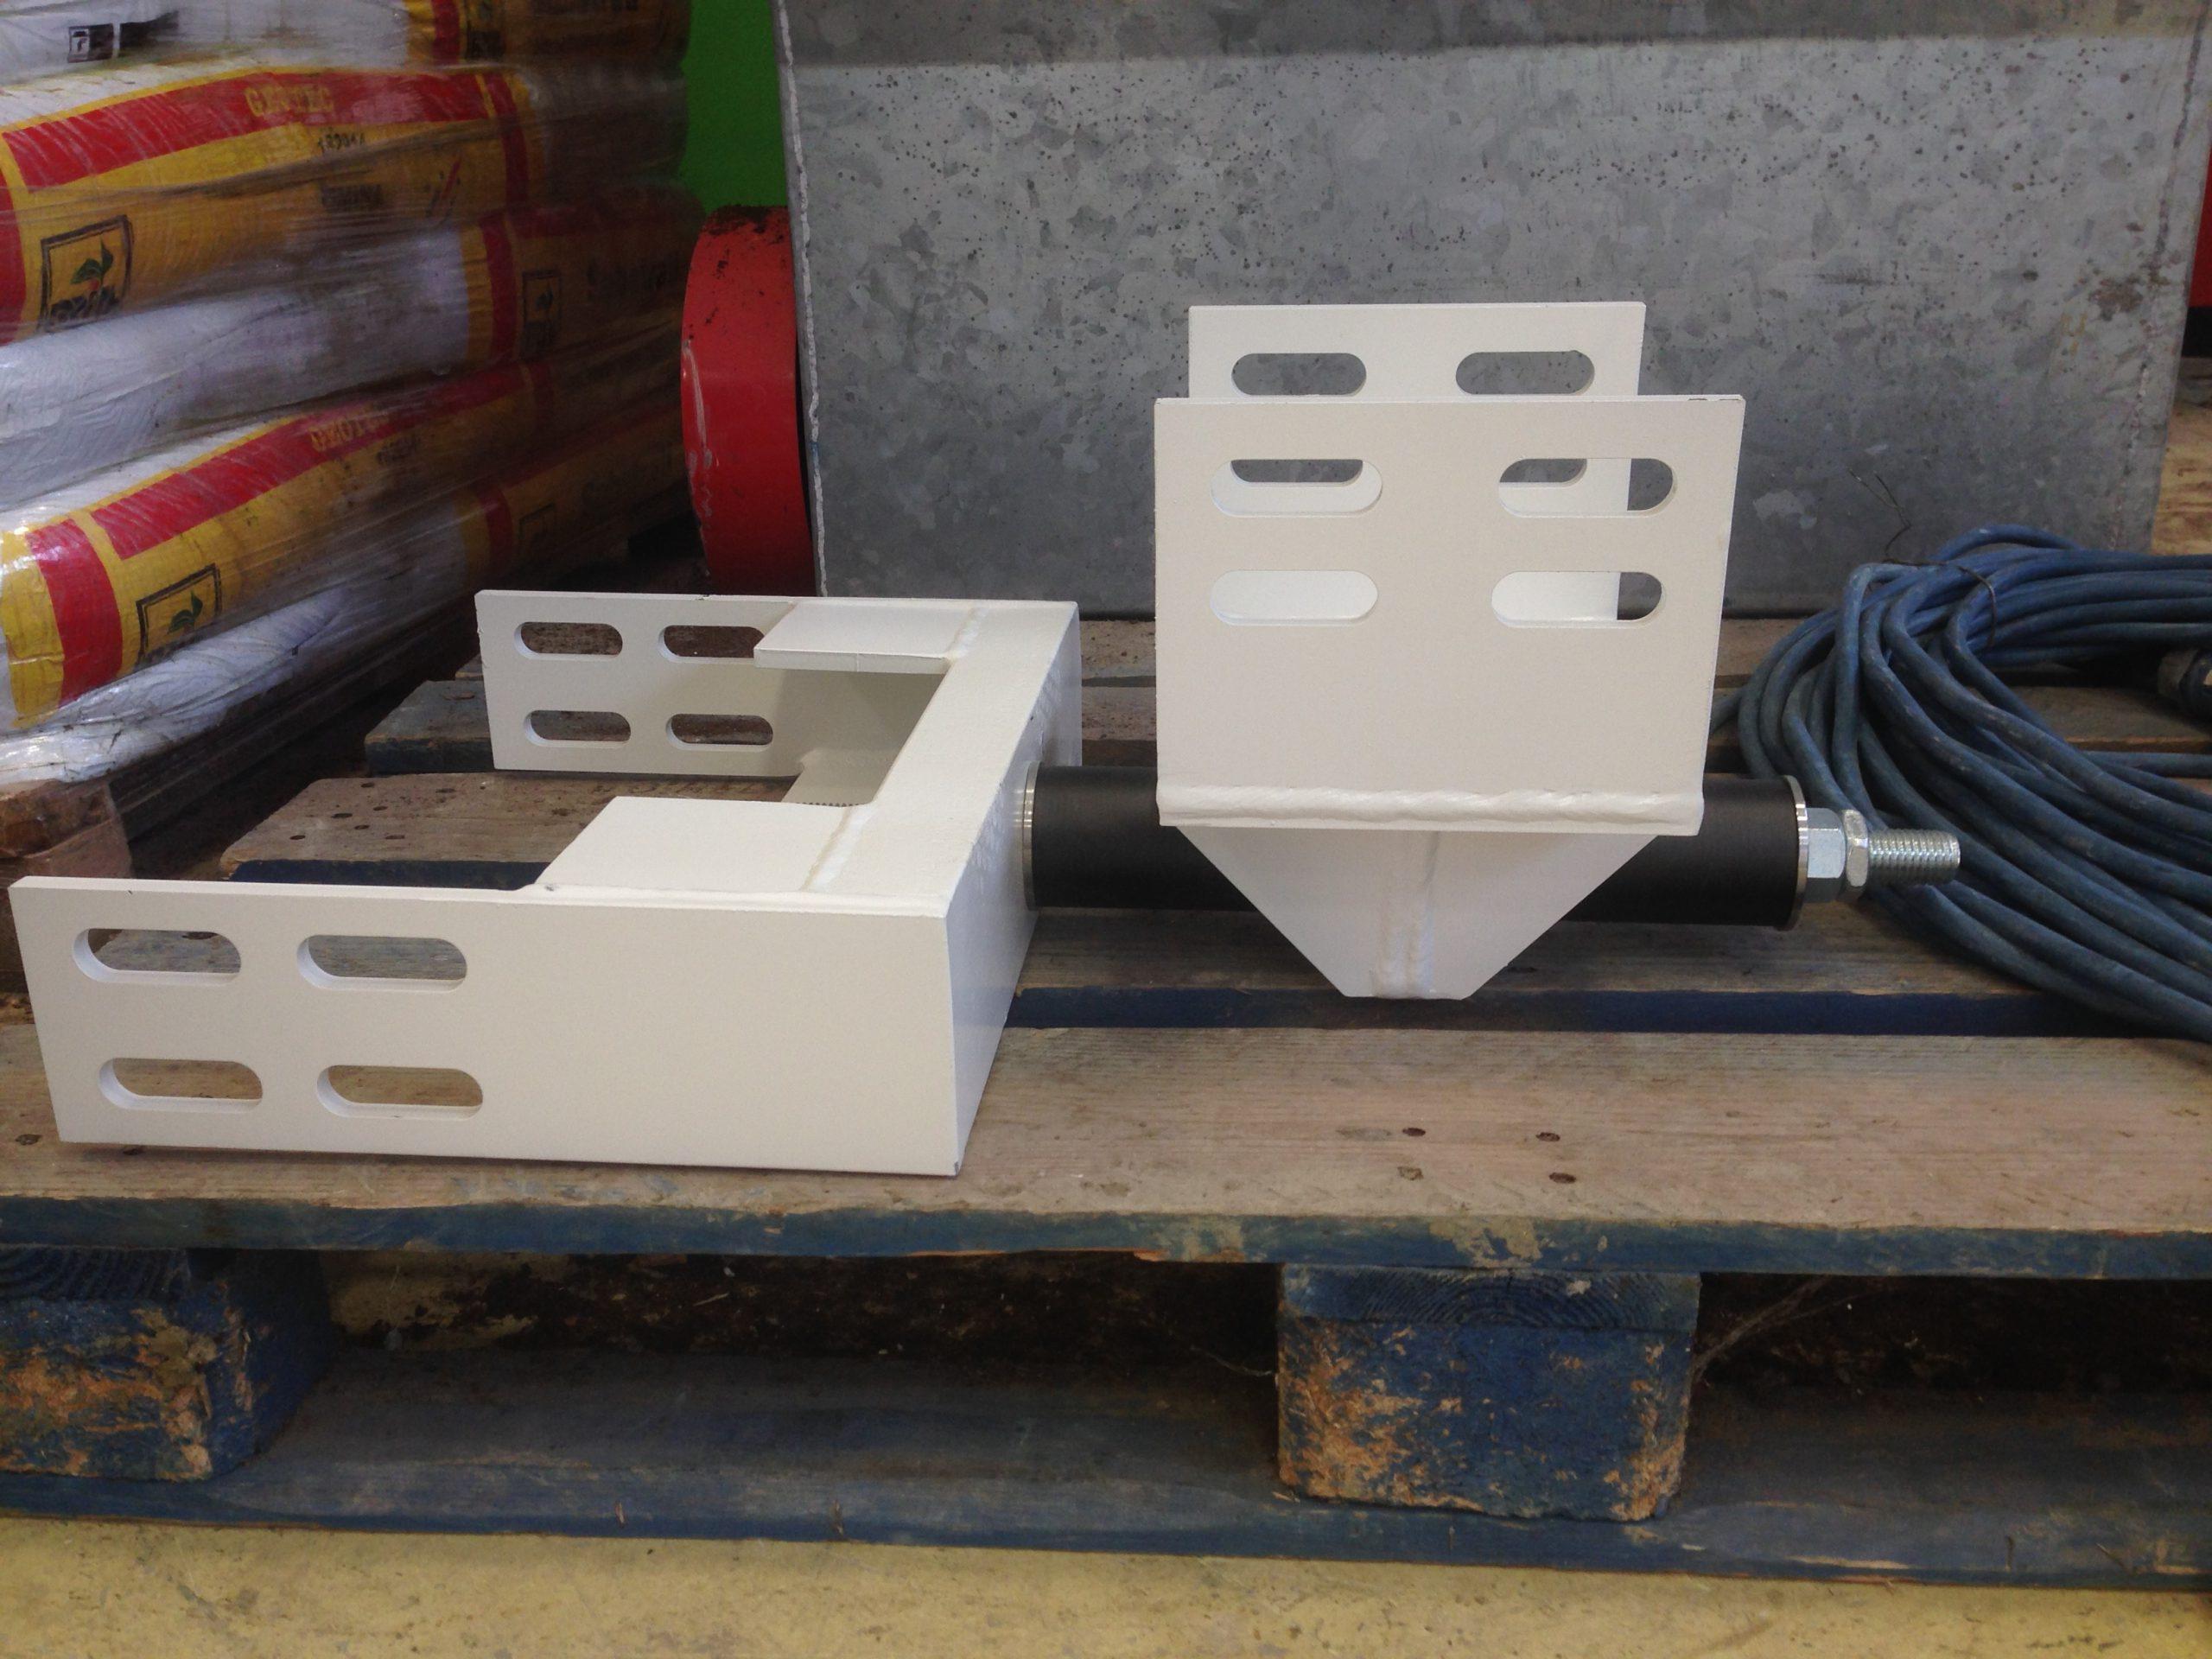 Sismocell e carpenteria per il montaggio